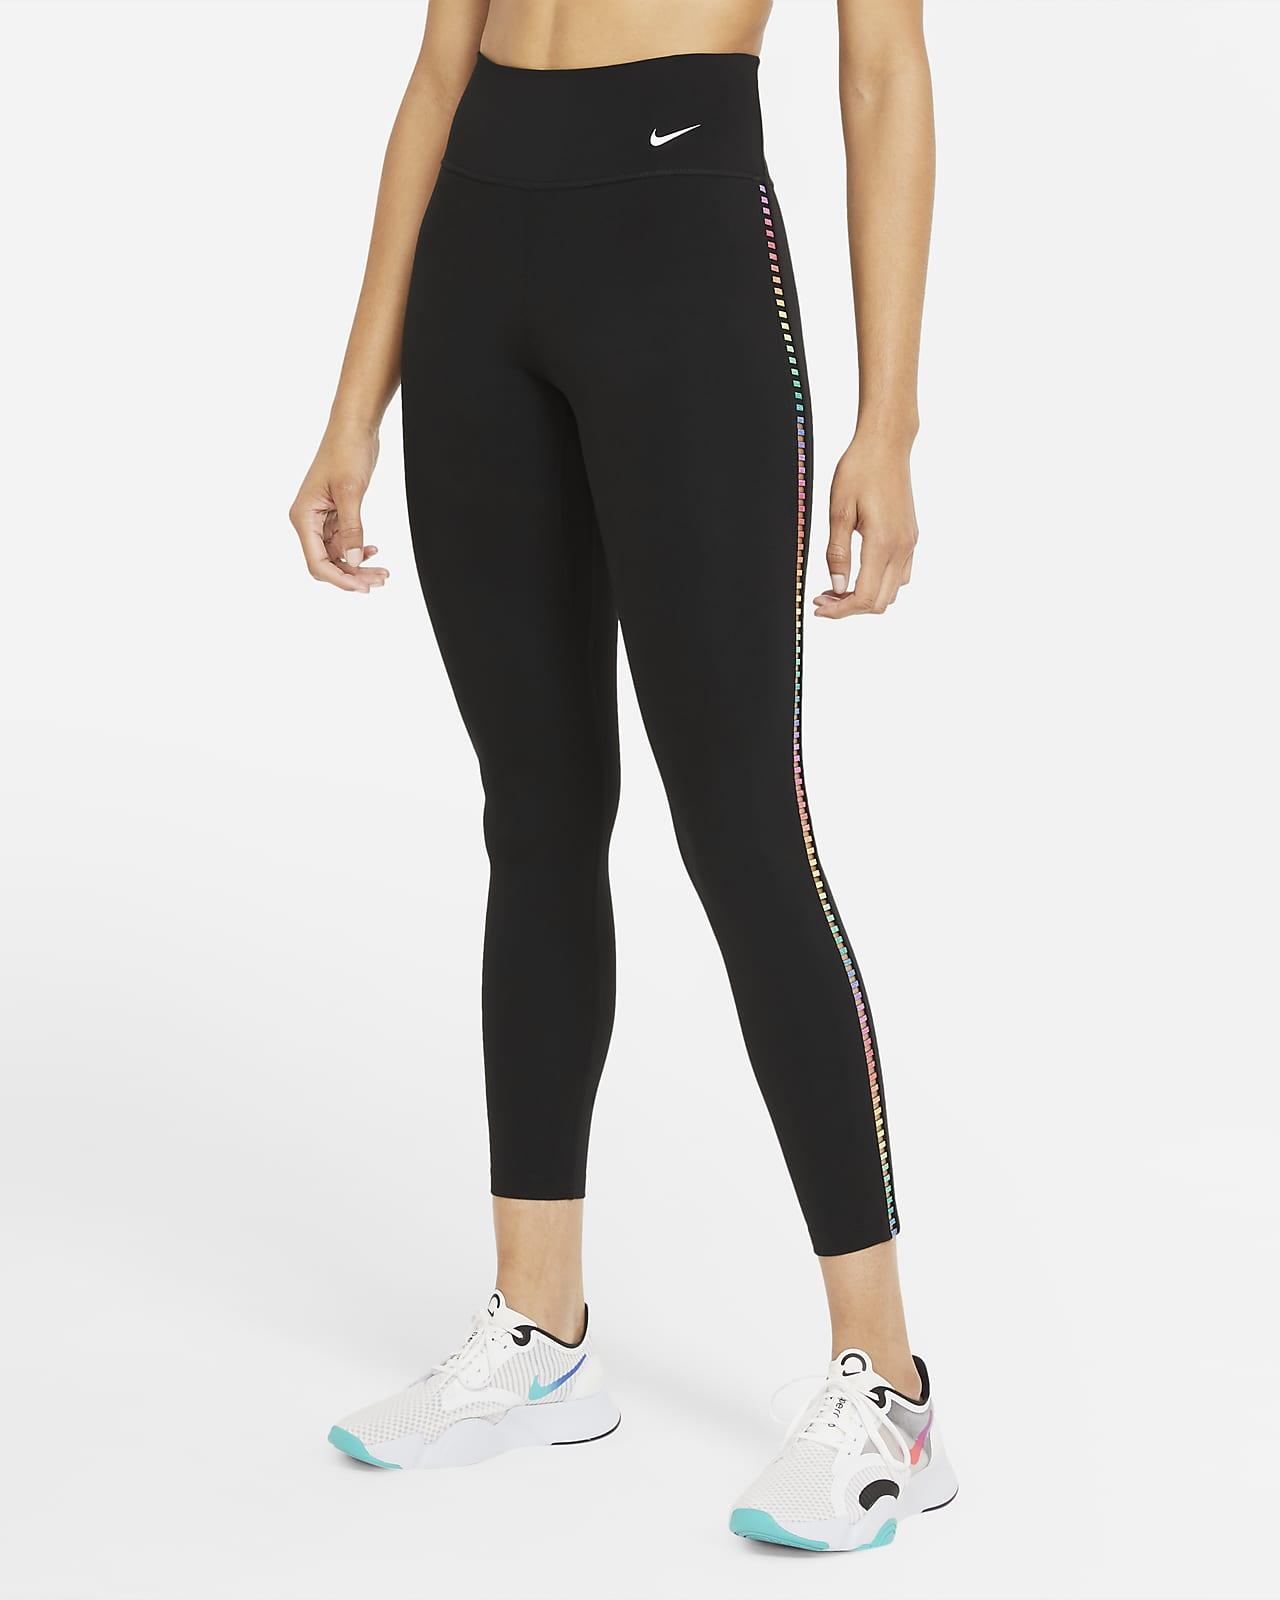 Nike One Rainbow Ladder 7/8 Kadın Taytı